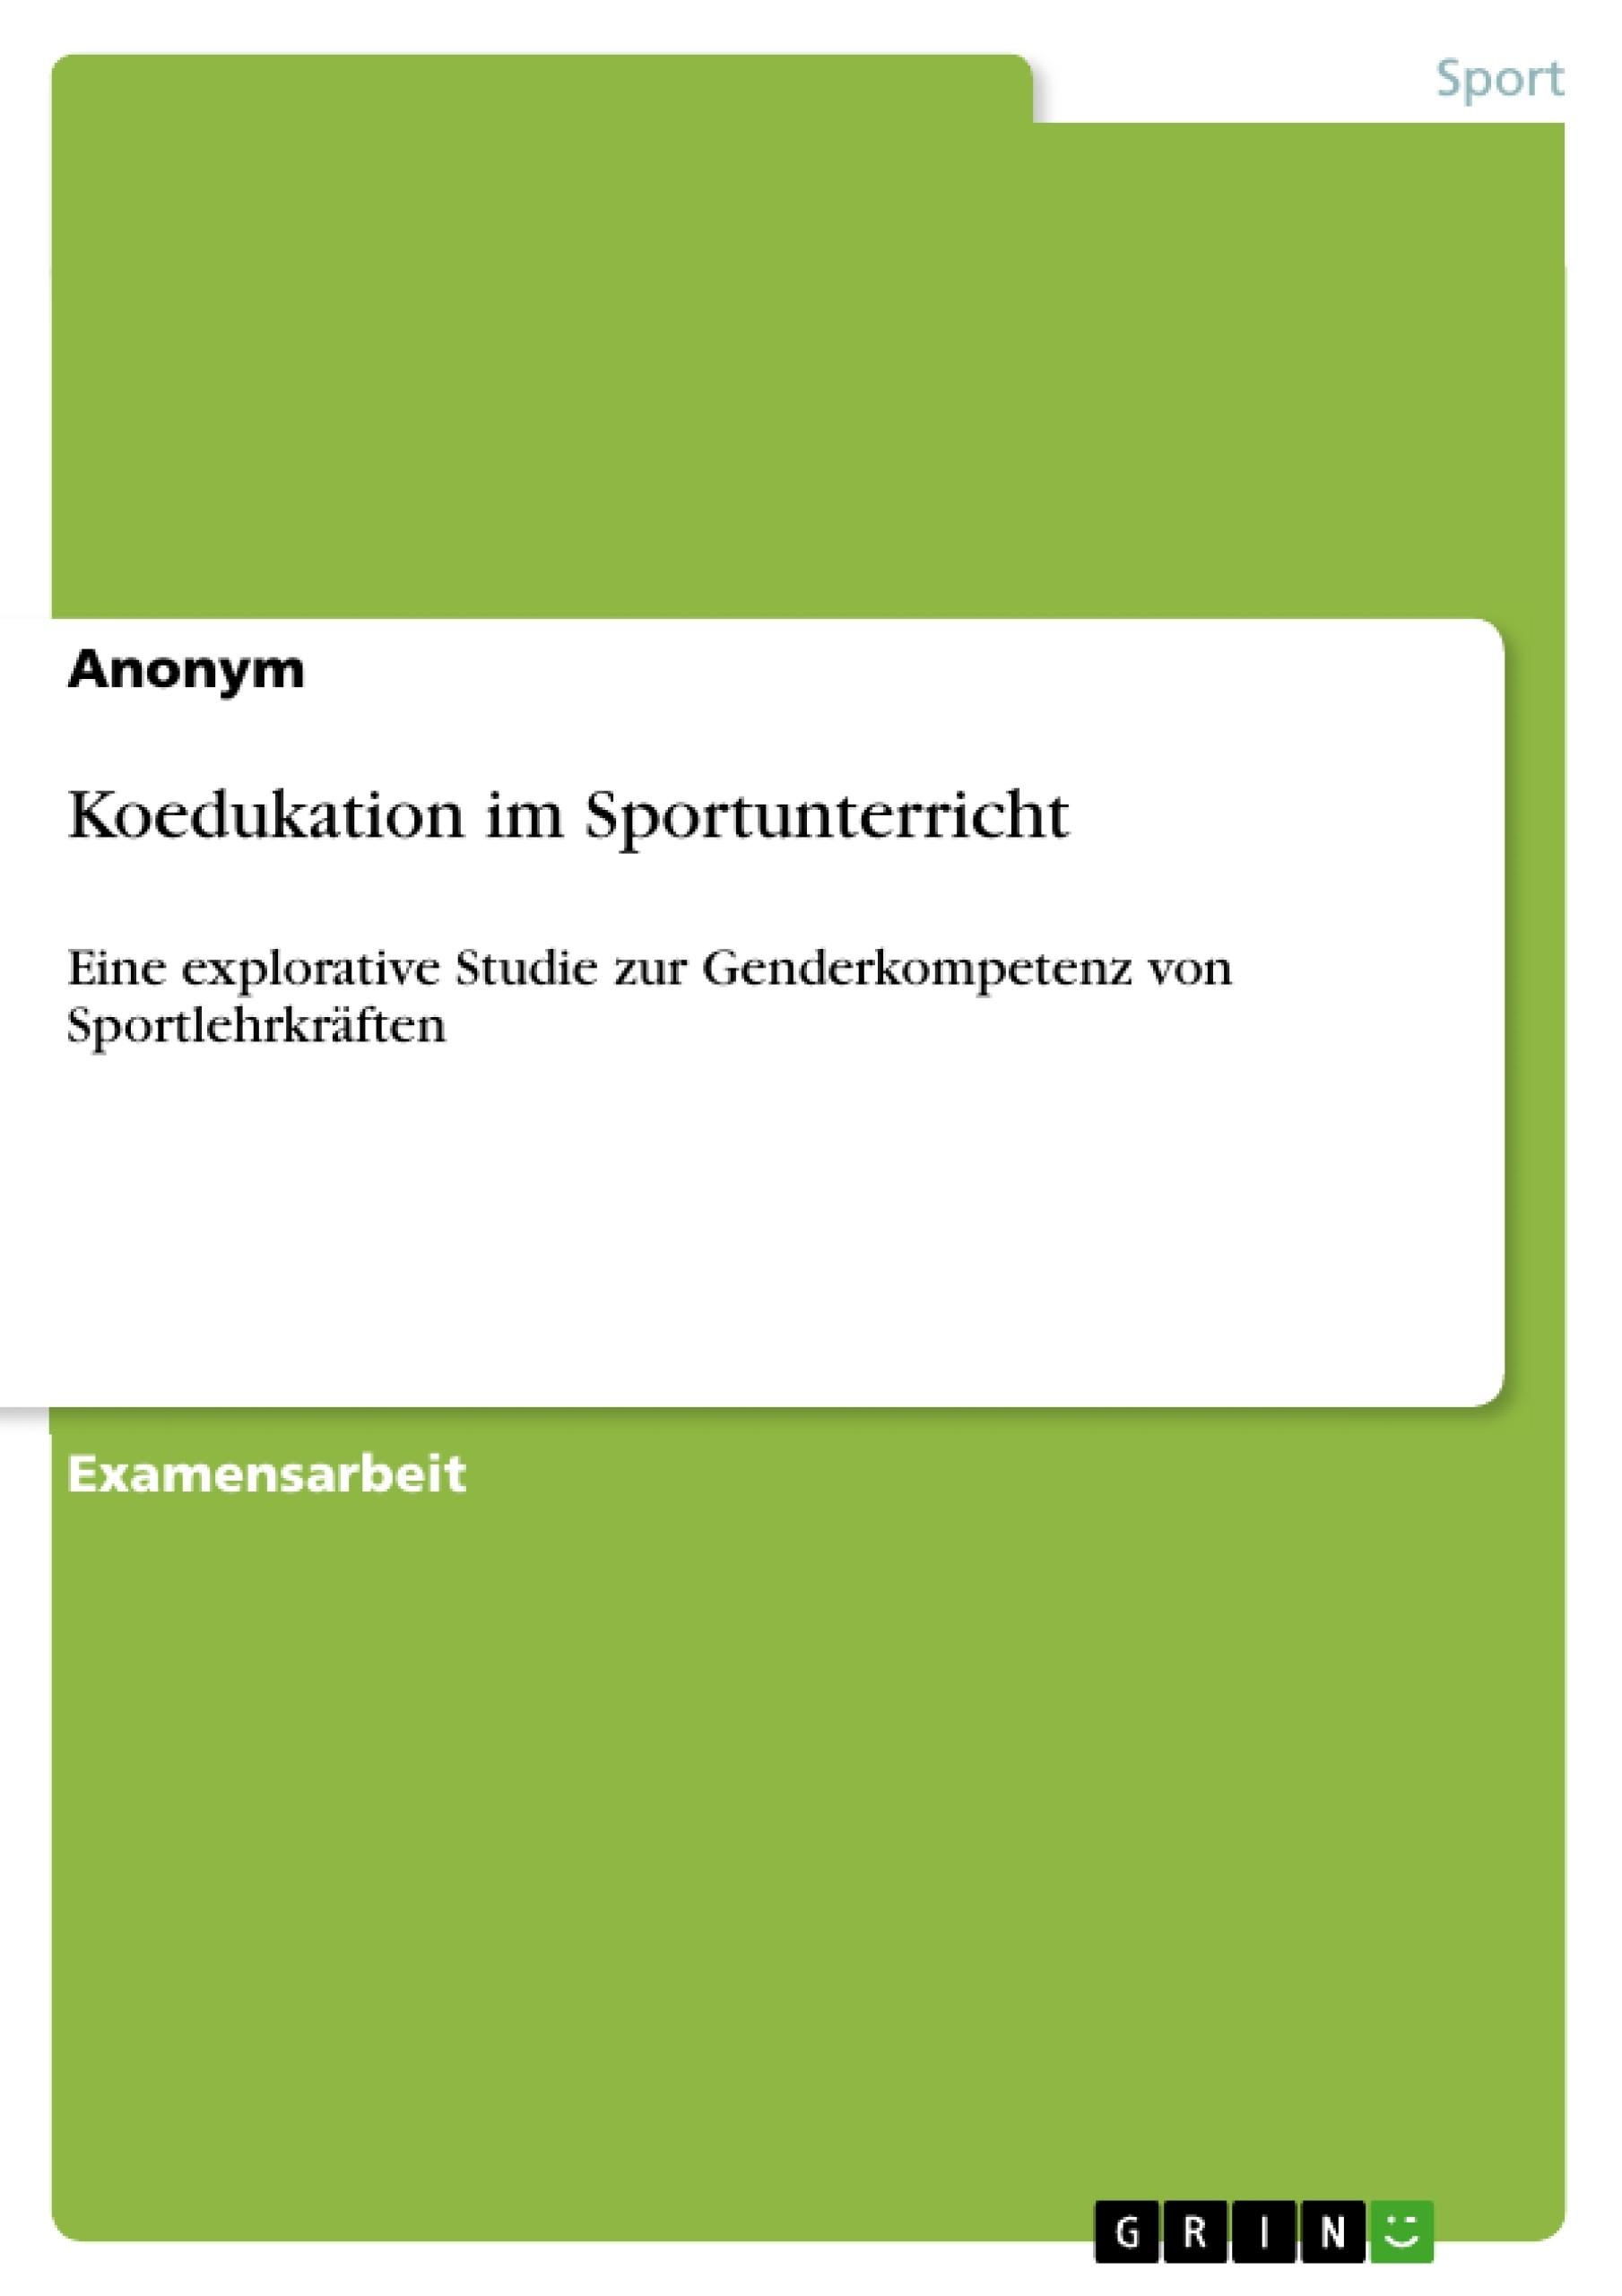 Titel: Koedukation im Sportunterricht